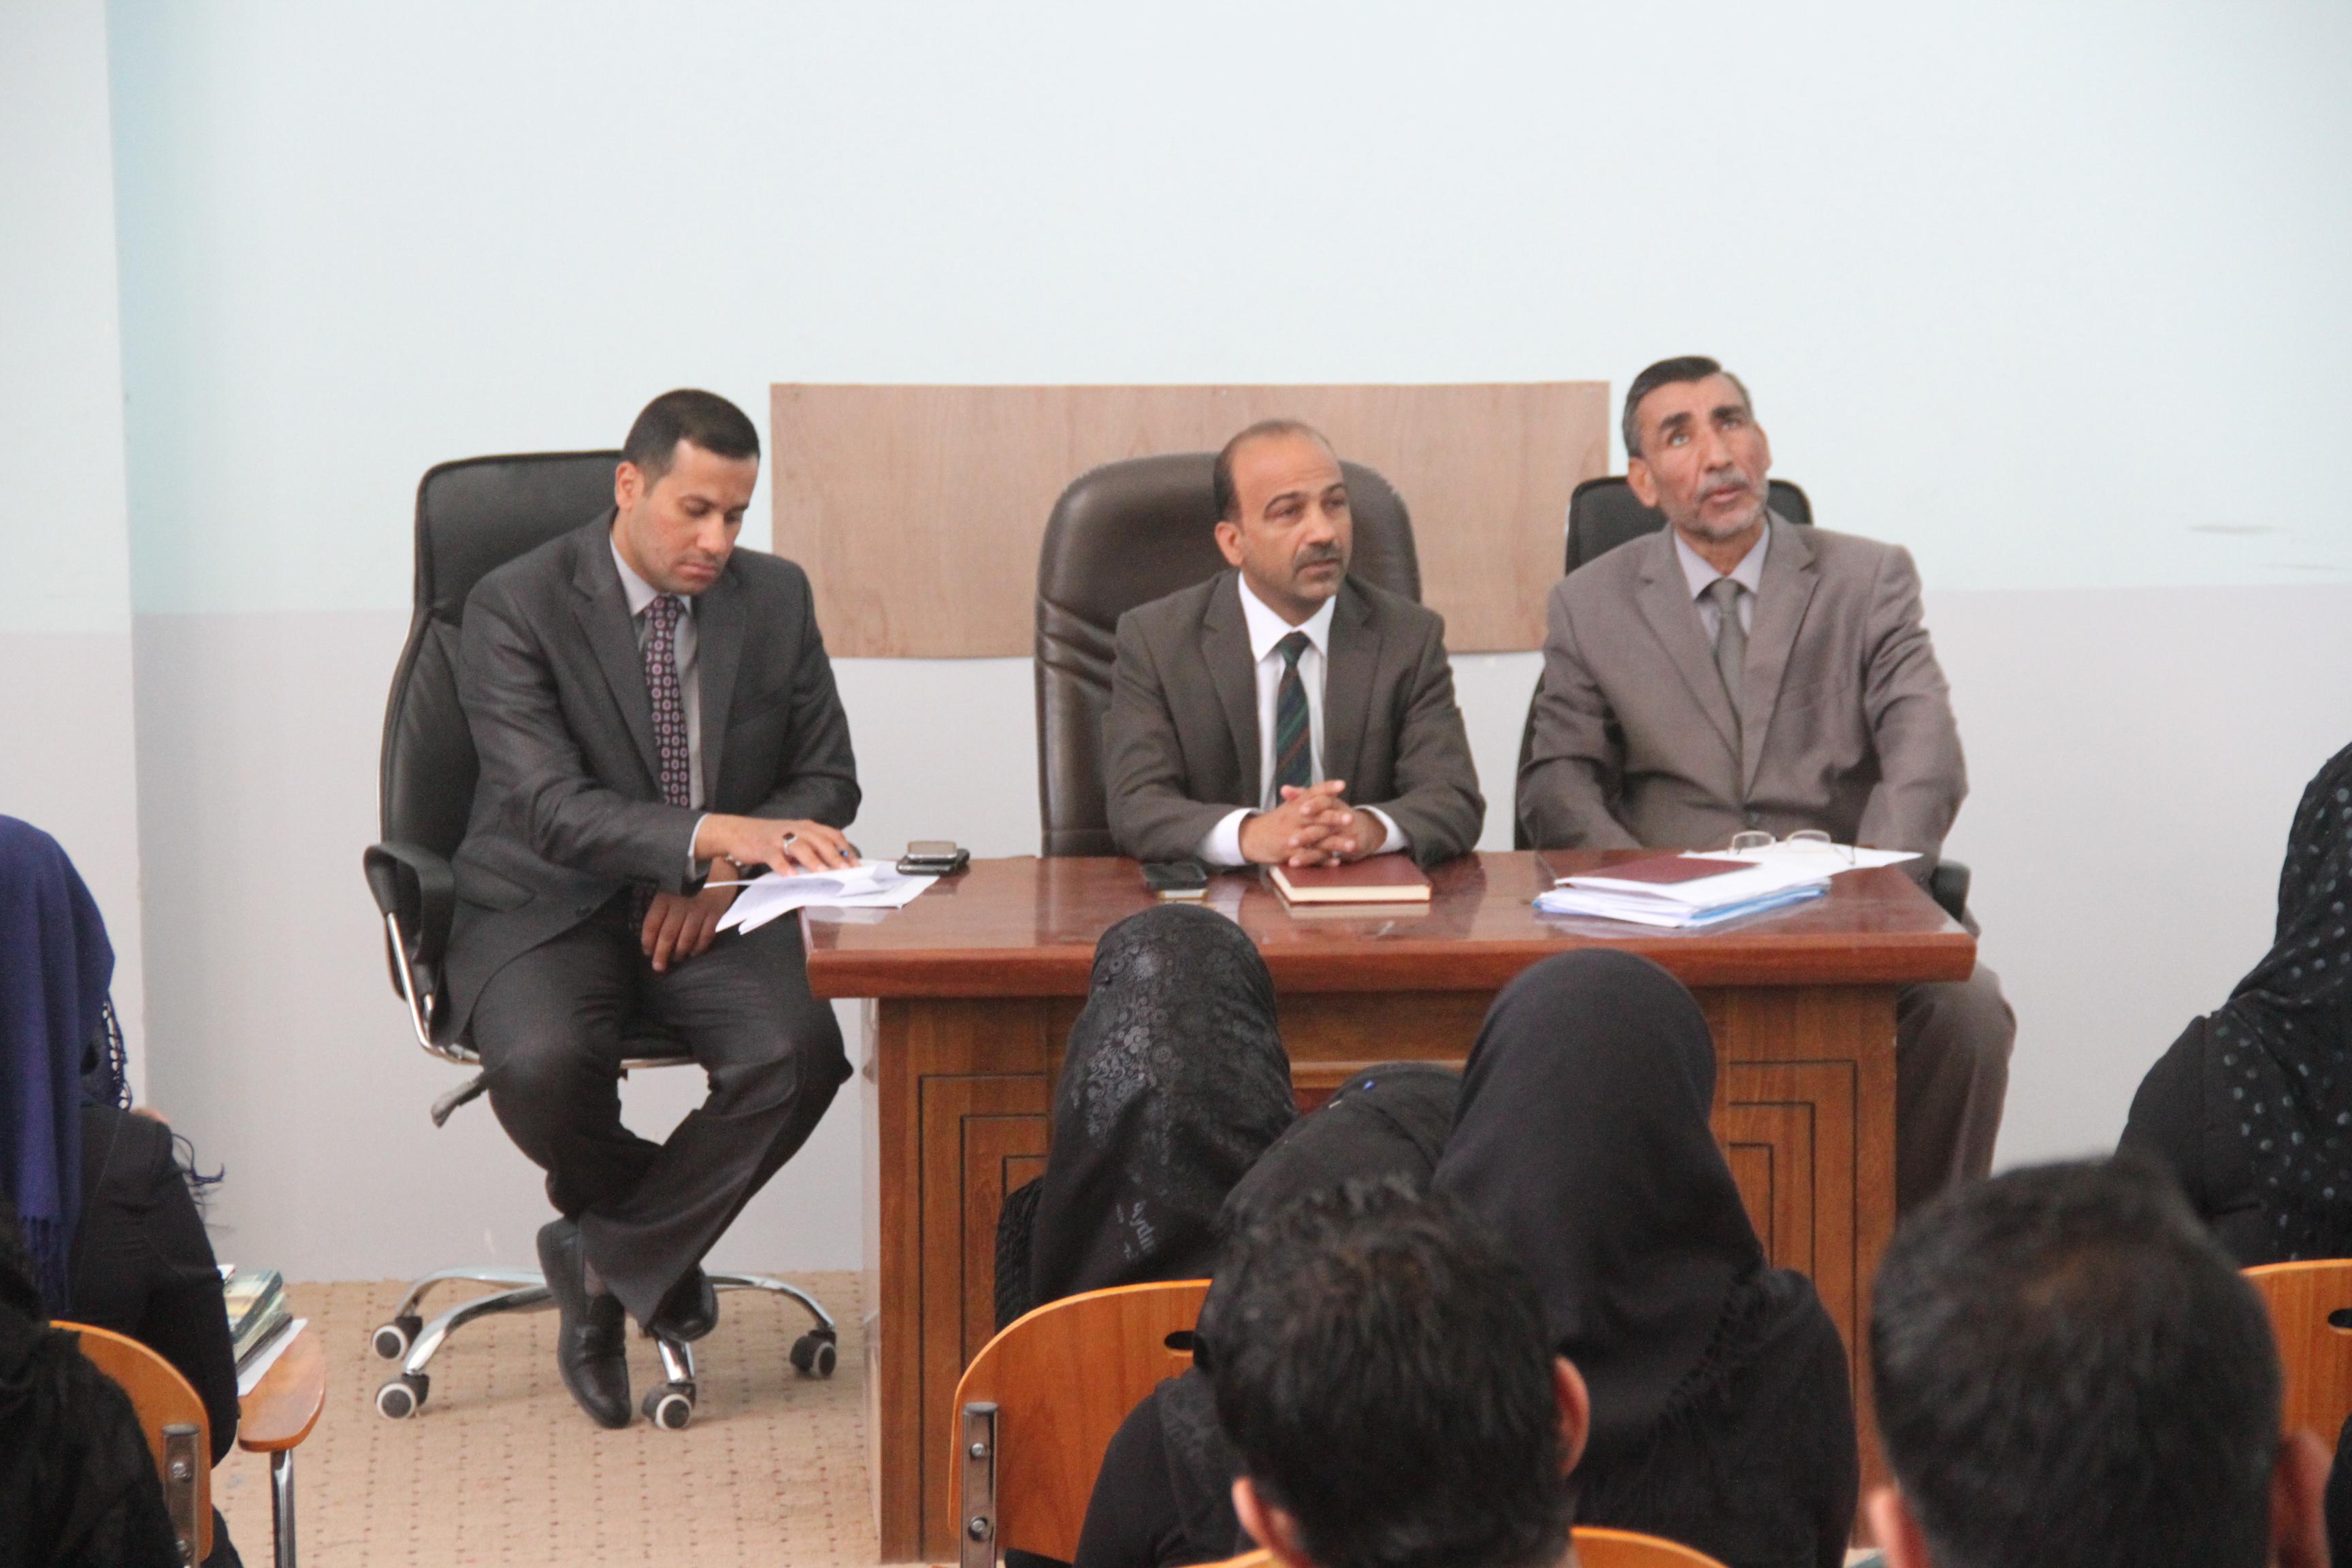 اجتماع السيد عميد كلية القانون بطلاب المرحلة الثالثة